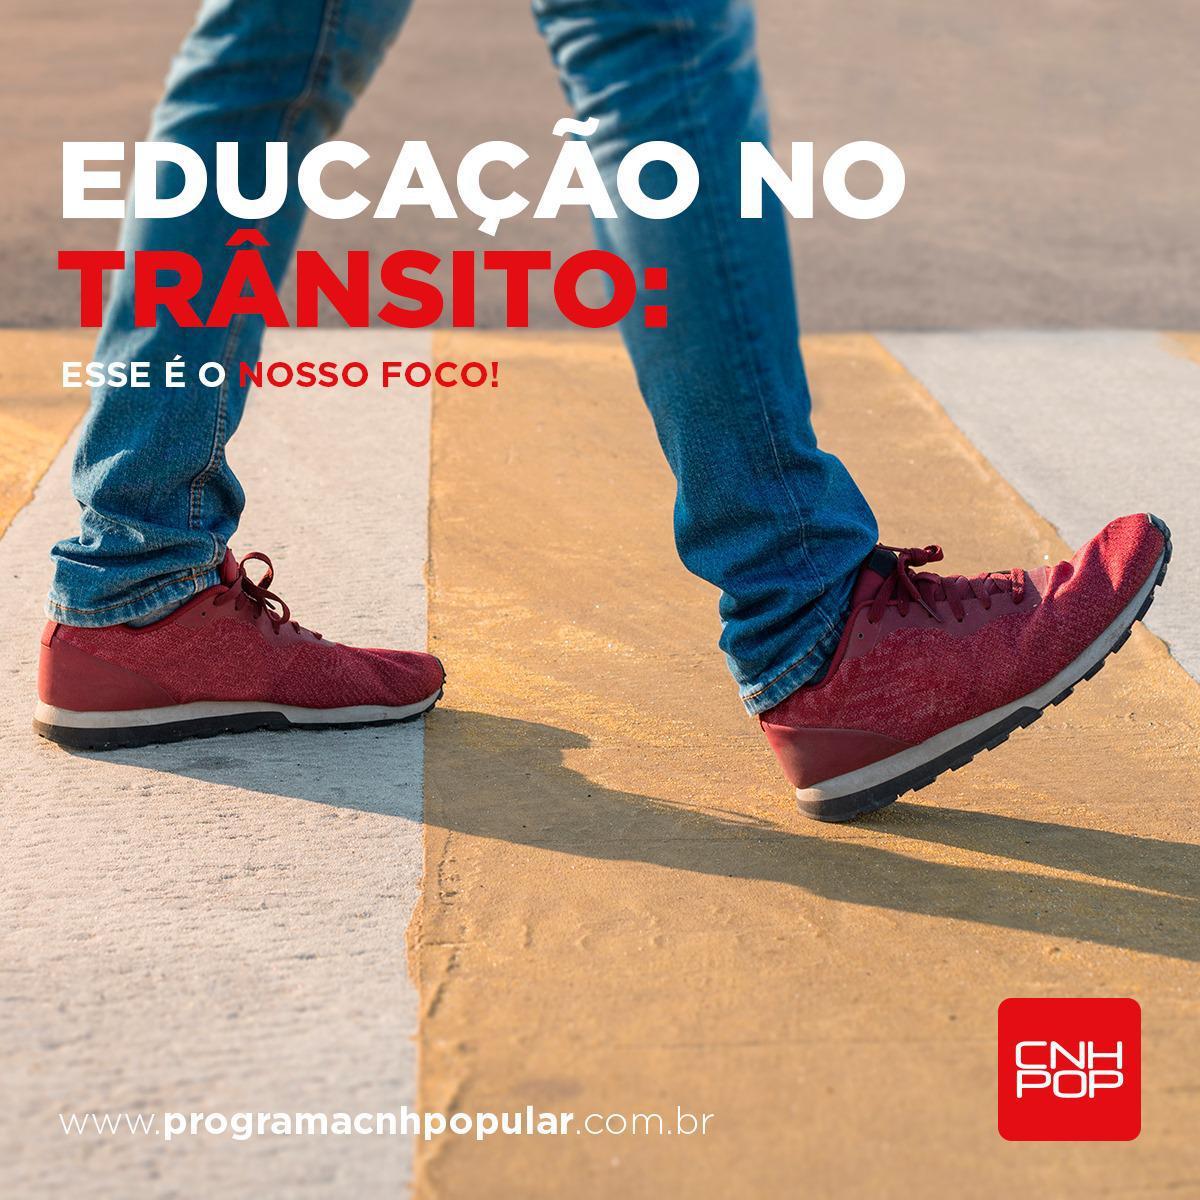 EDUCAÇÃO NO TRÂNSITO: ESSE É O NOSSO FOCO!